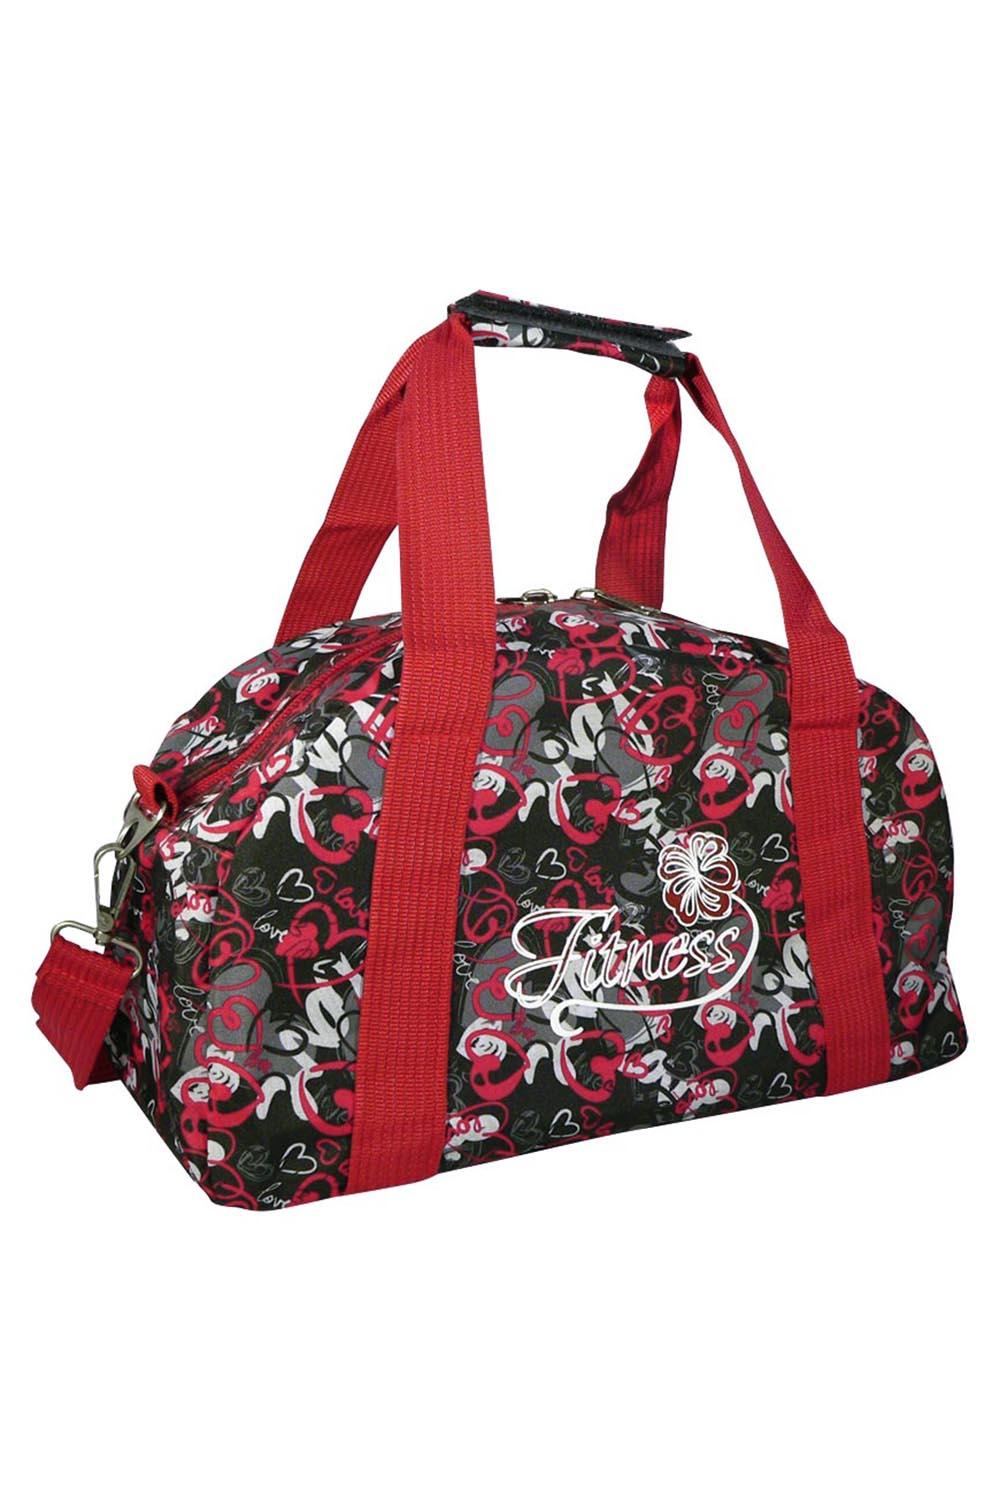 СумкаСпортивные<br>Яркая сумка для активного отдыха или занятий спортом из качественных ярких материалов. Одно основное отделение с застежкой на молнию. Удобные короткие ручки, в комплекте длинный ремень.  Размеры: 39*20*25 см  Цвет: красный, черный, серый<br><br>По материалу: Тканевые<br>По размеру: Средние<br>По рисунку: Цветные,С принтом<br>По способу ношения: В руках,На плечо<br>По степени жесткости: Мягкие<br>По типу застежки: С застежкой молнией<br>Ручки: Длинные,Короткие<br>По стилю: Повседневный стиль,Спортивный стиль<br>По форме: Трапециевидные<br>Размер : UNI<br>Материал: Полиэстер<br>Количество в наличии: 1